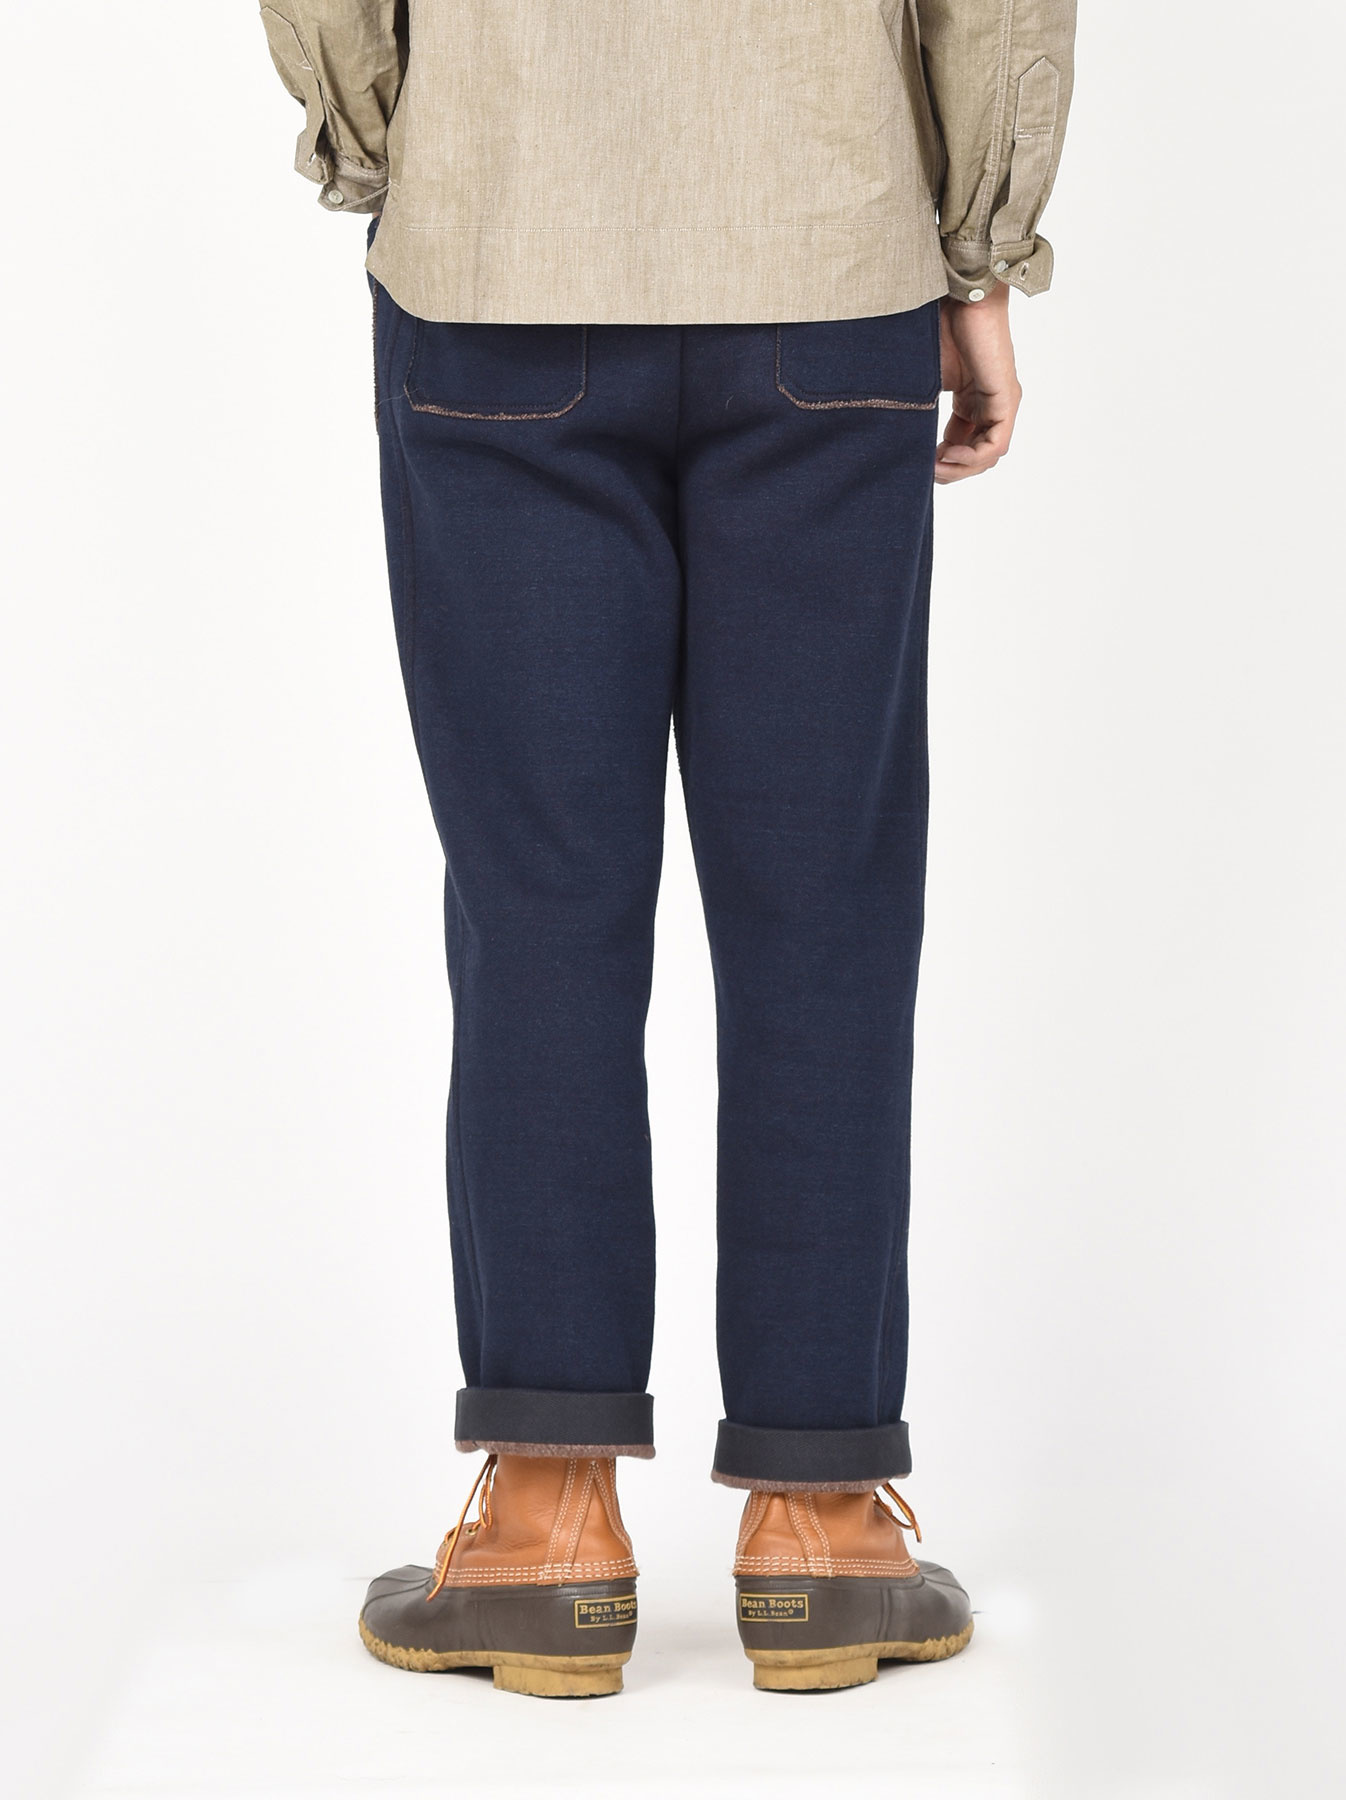 Indigo Hokkaido Fleecy Easy Pants-5